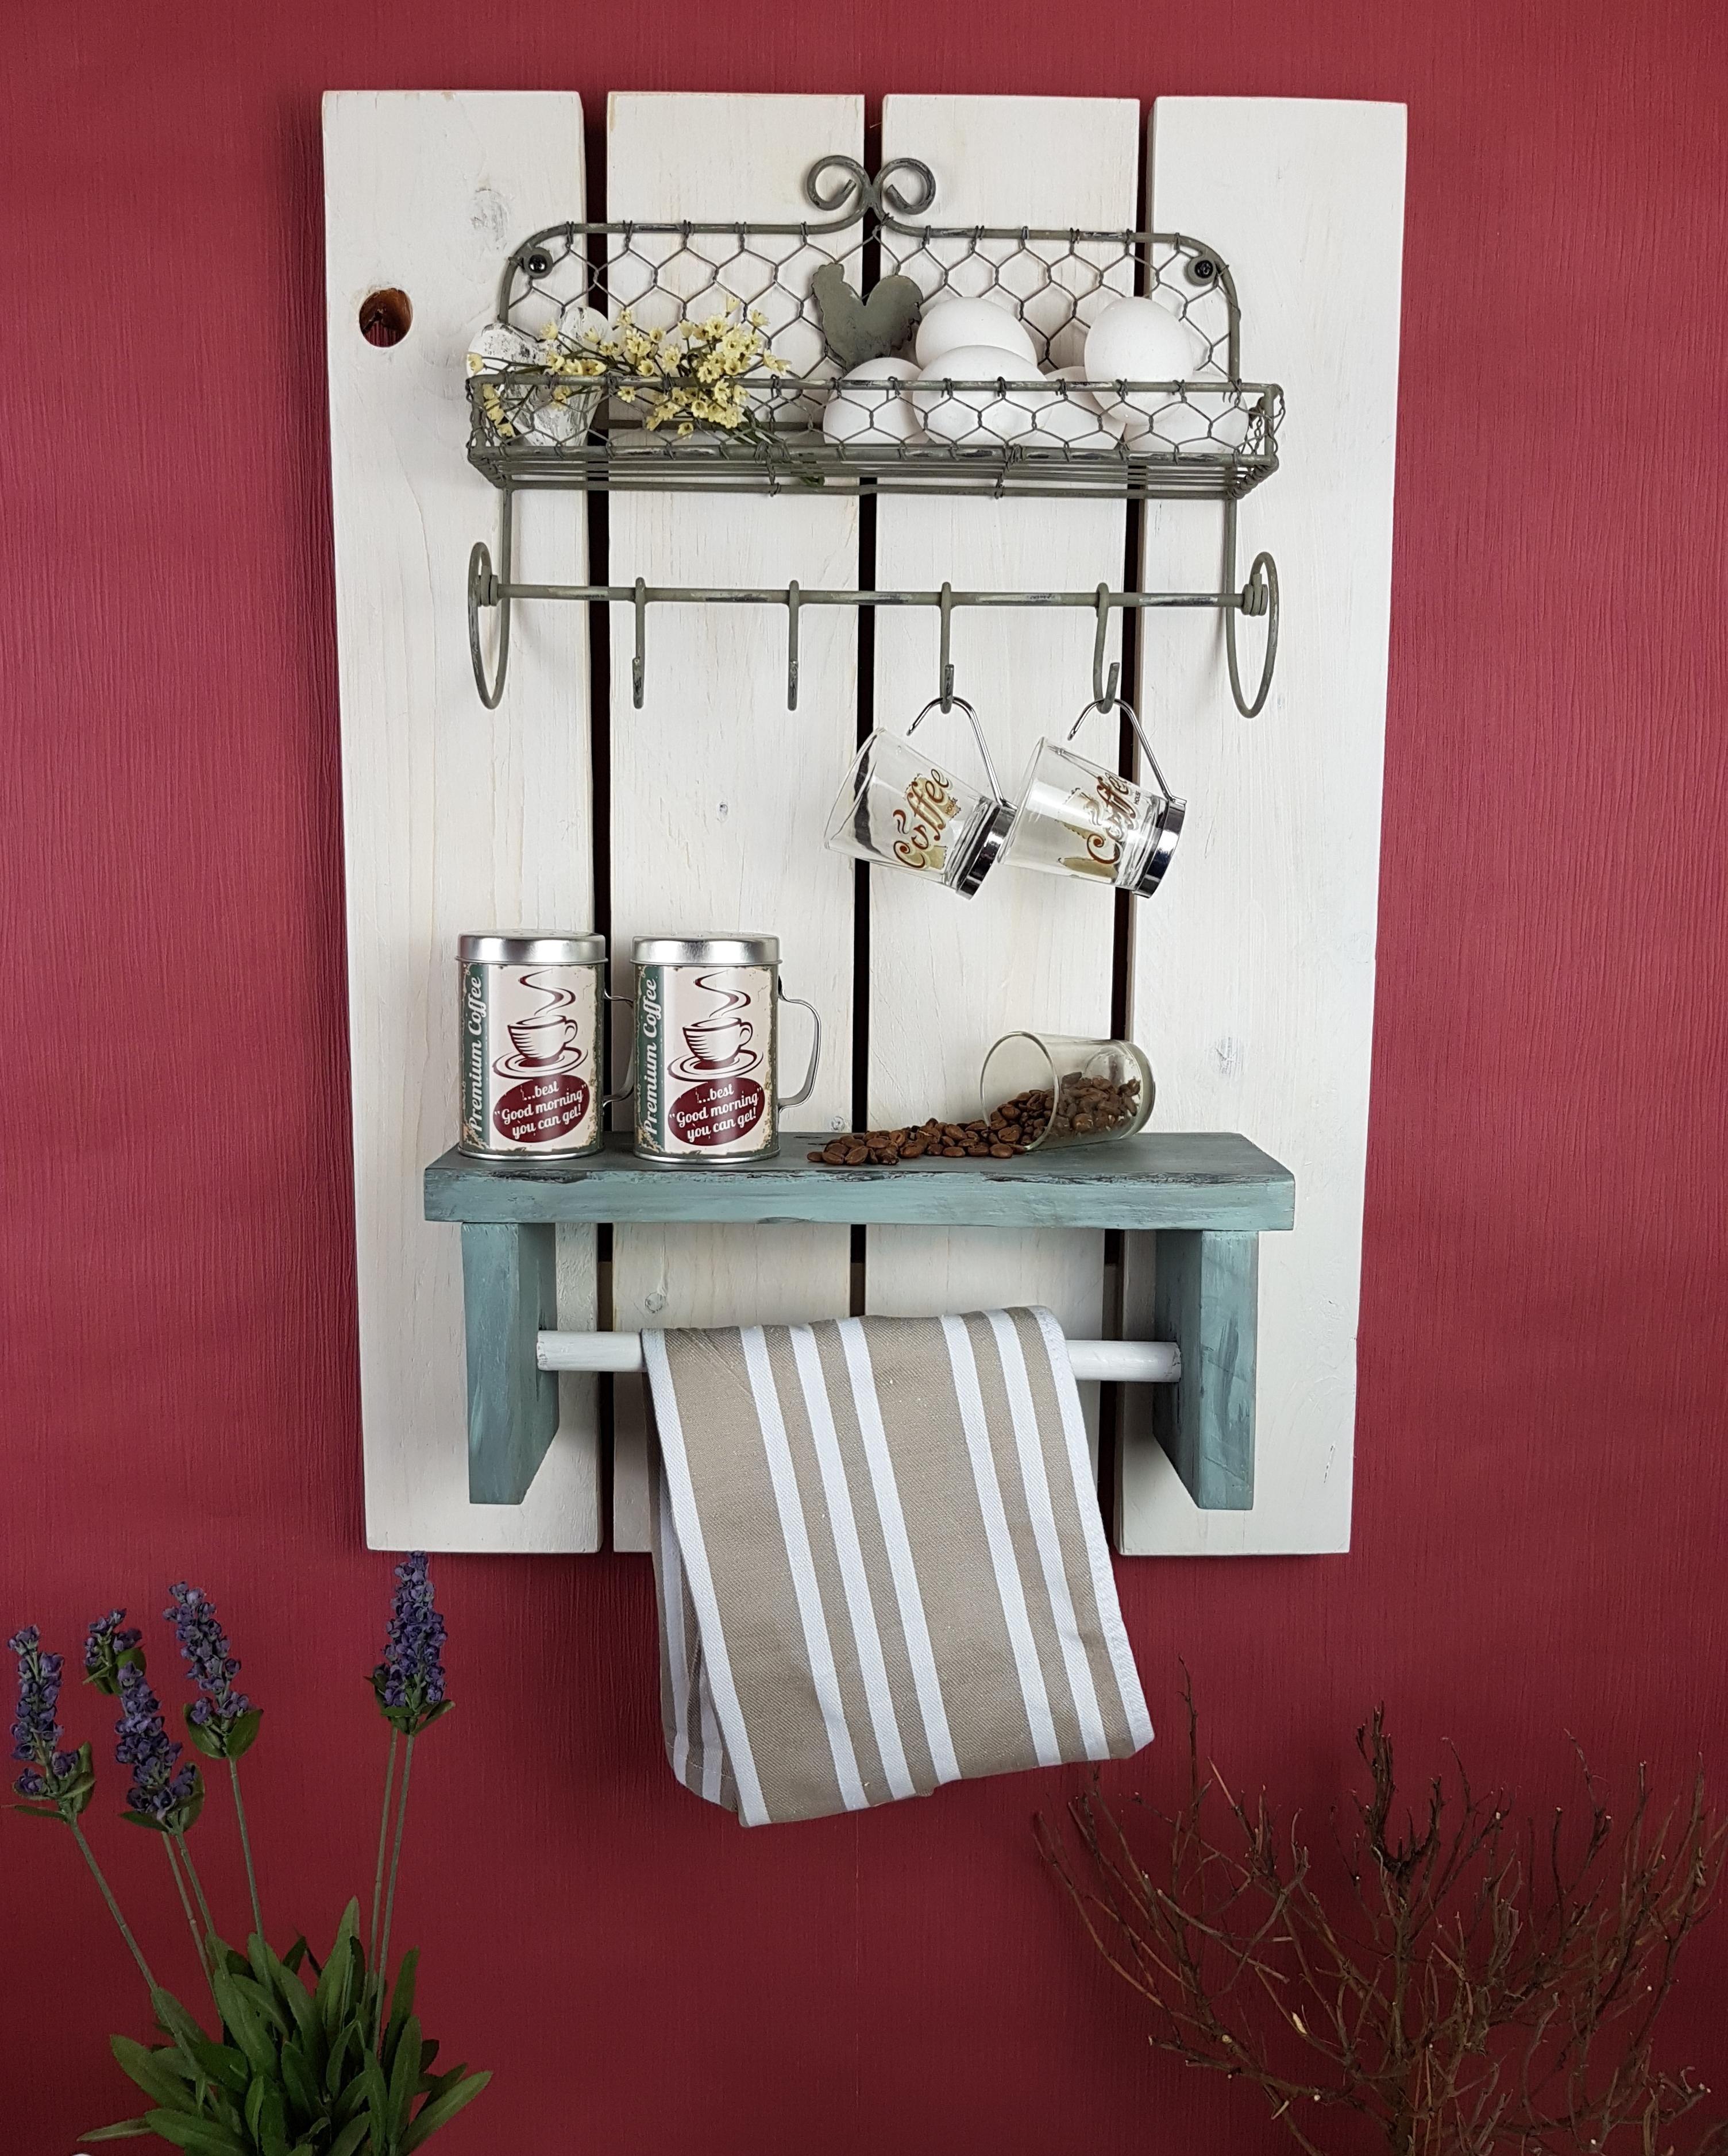 Küchenregal mit Körbchen